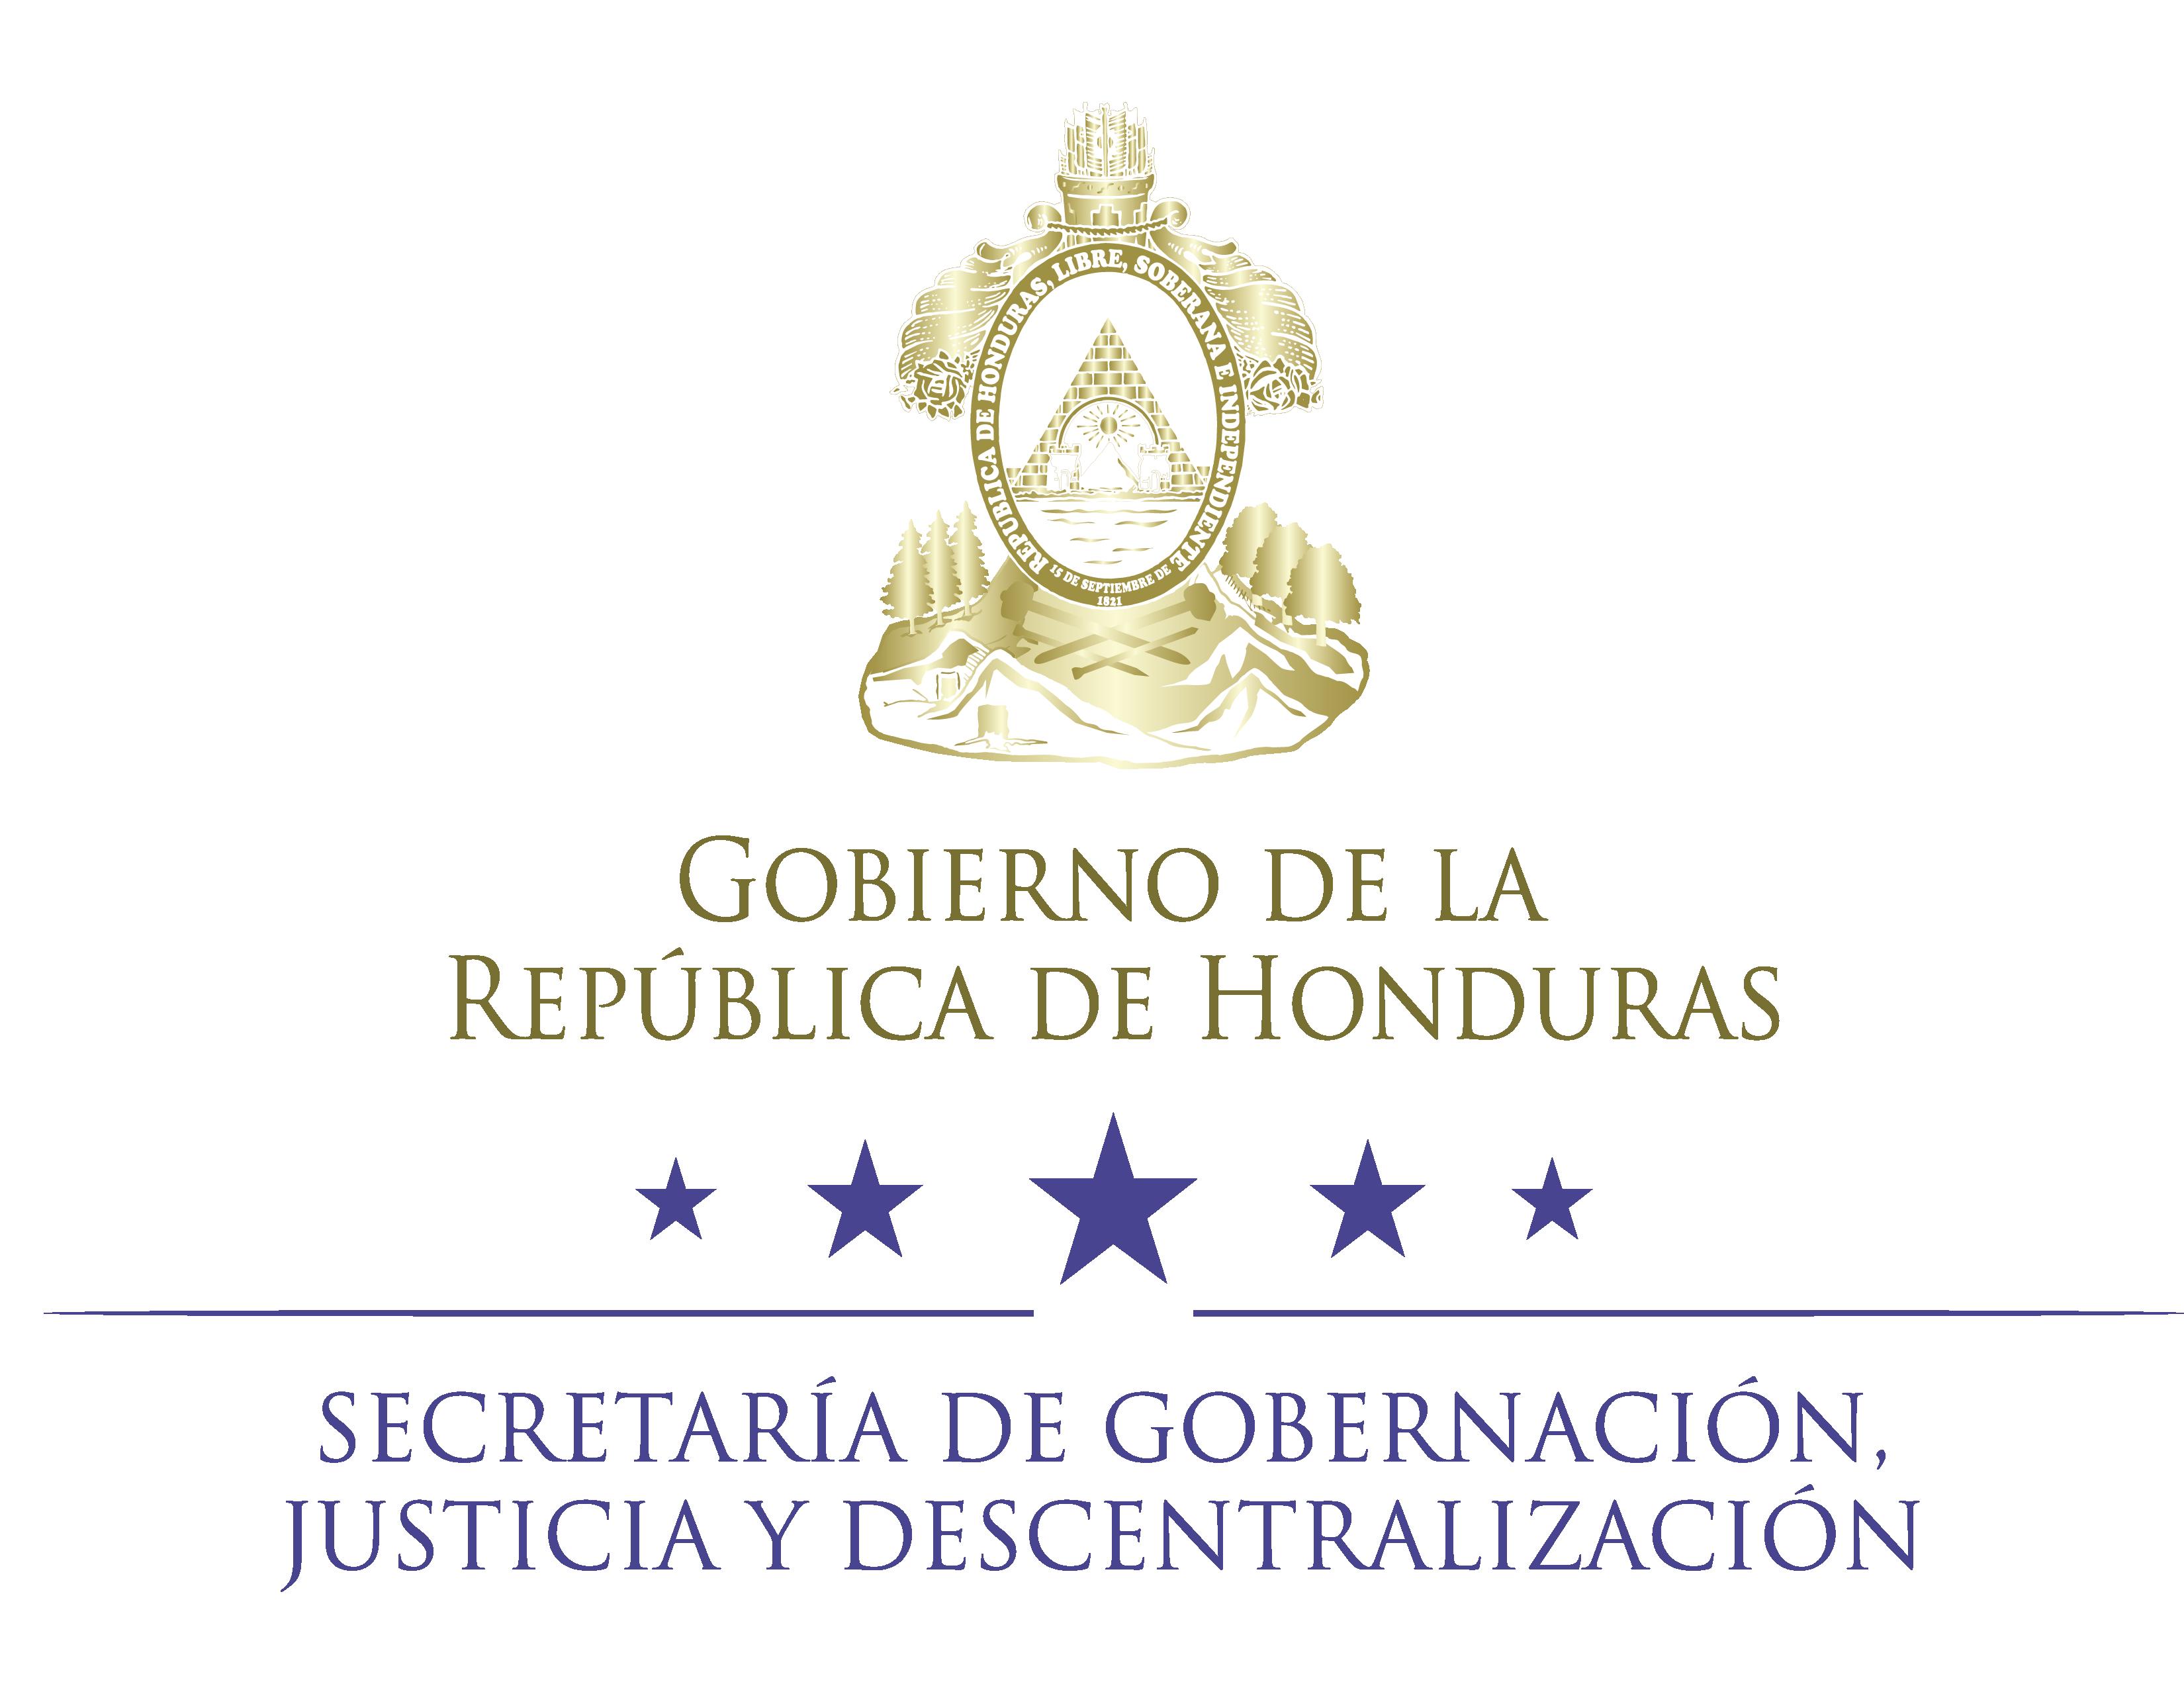 Secretaria de Gobernación, Justicia y Descentralización